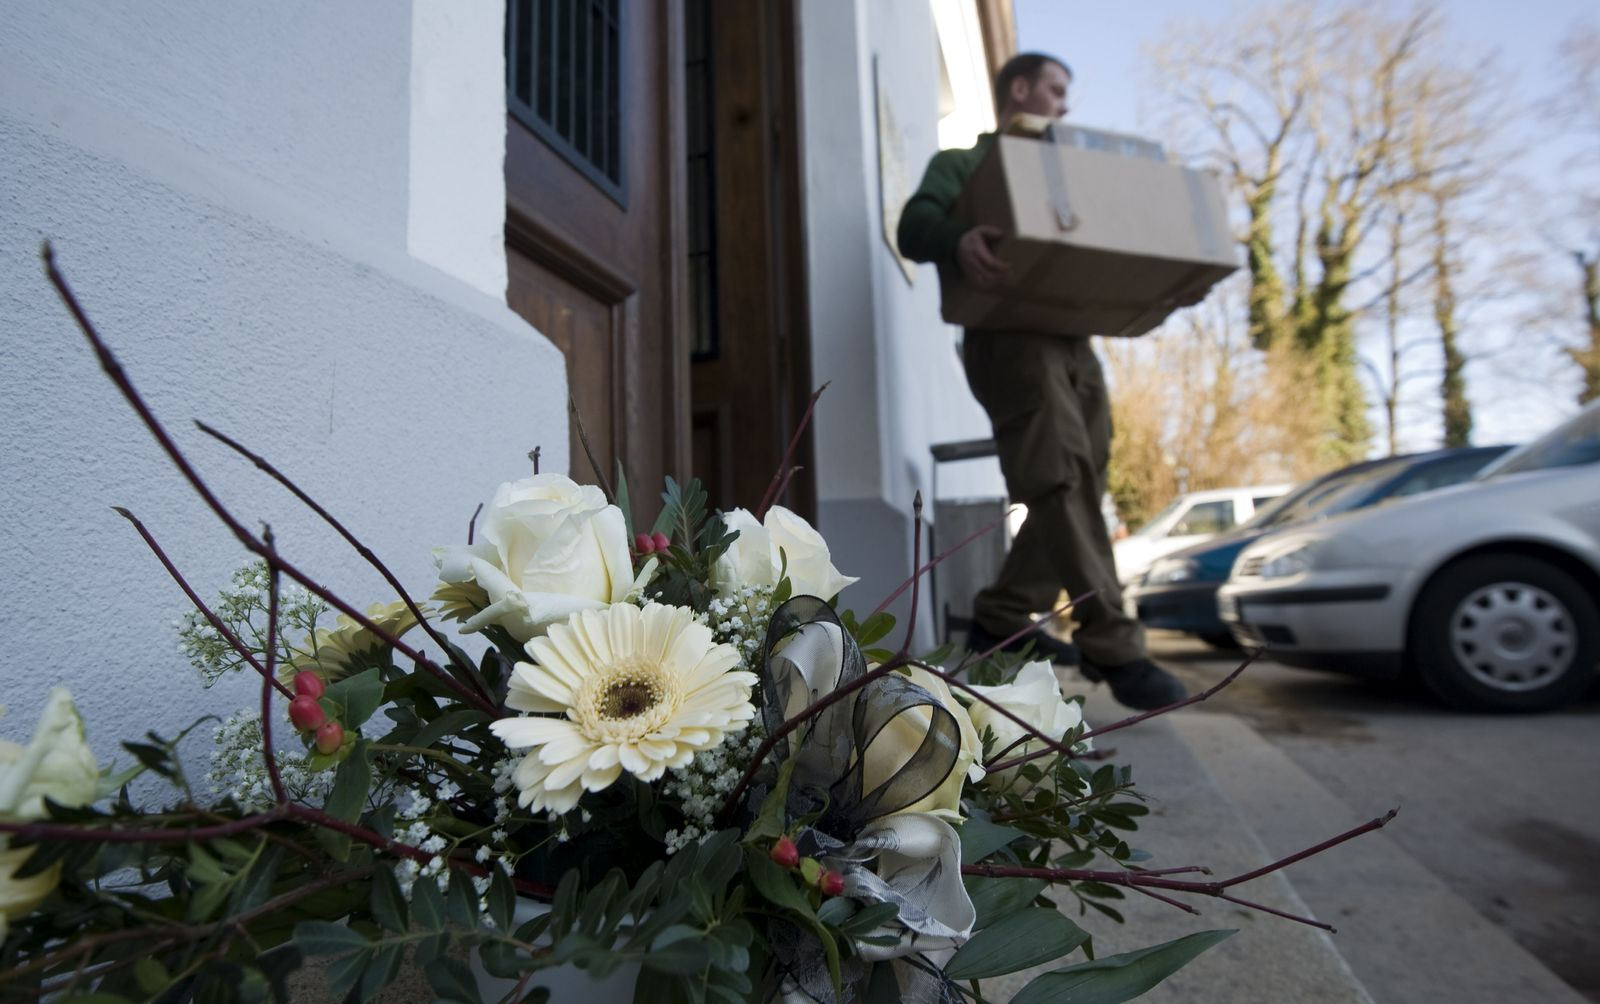 NICHT VERWENDEN Amtsgericht Dachau Blumen